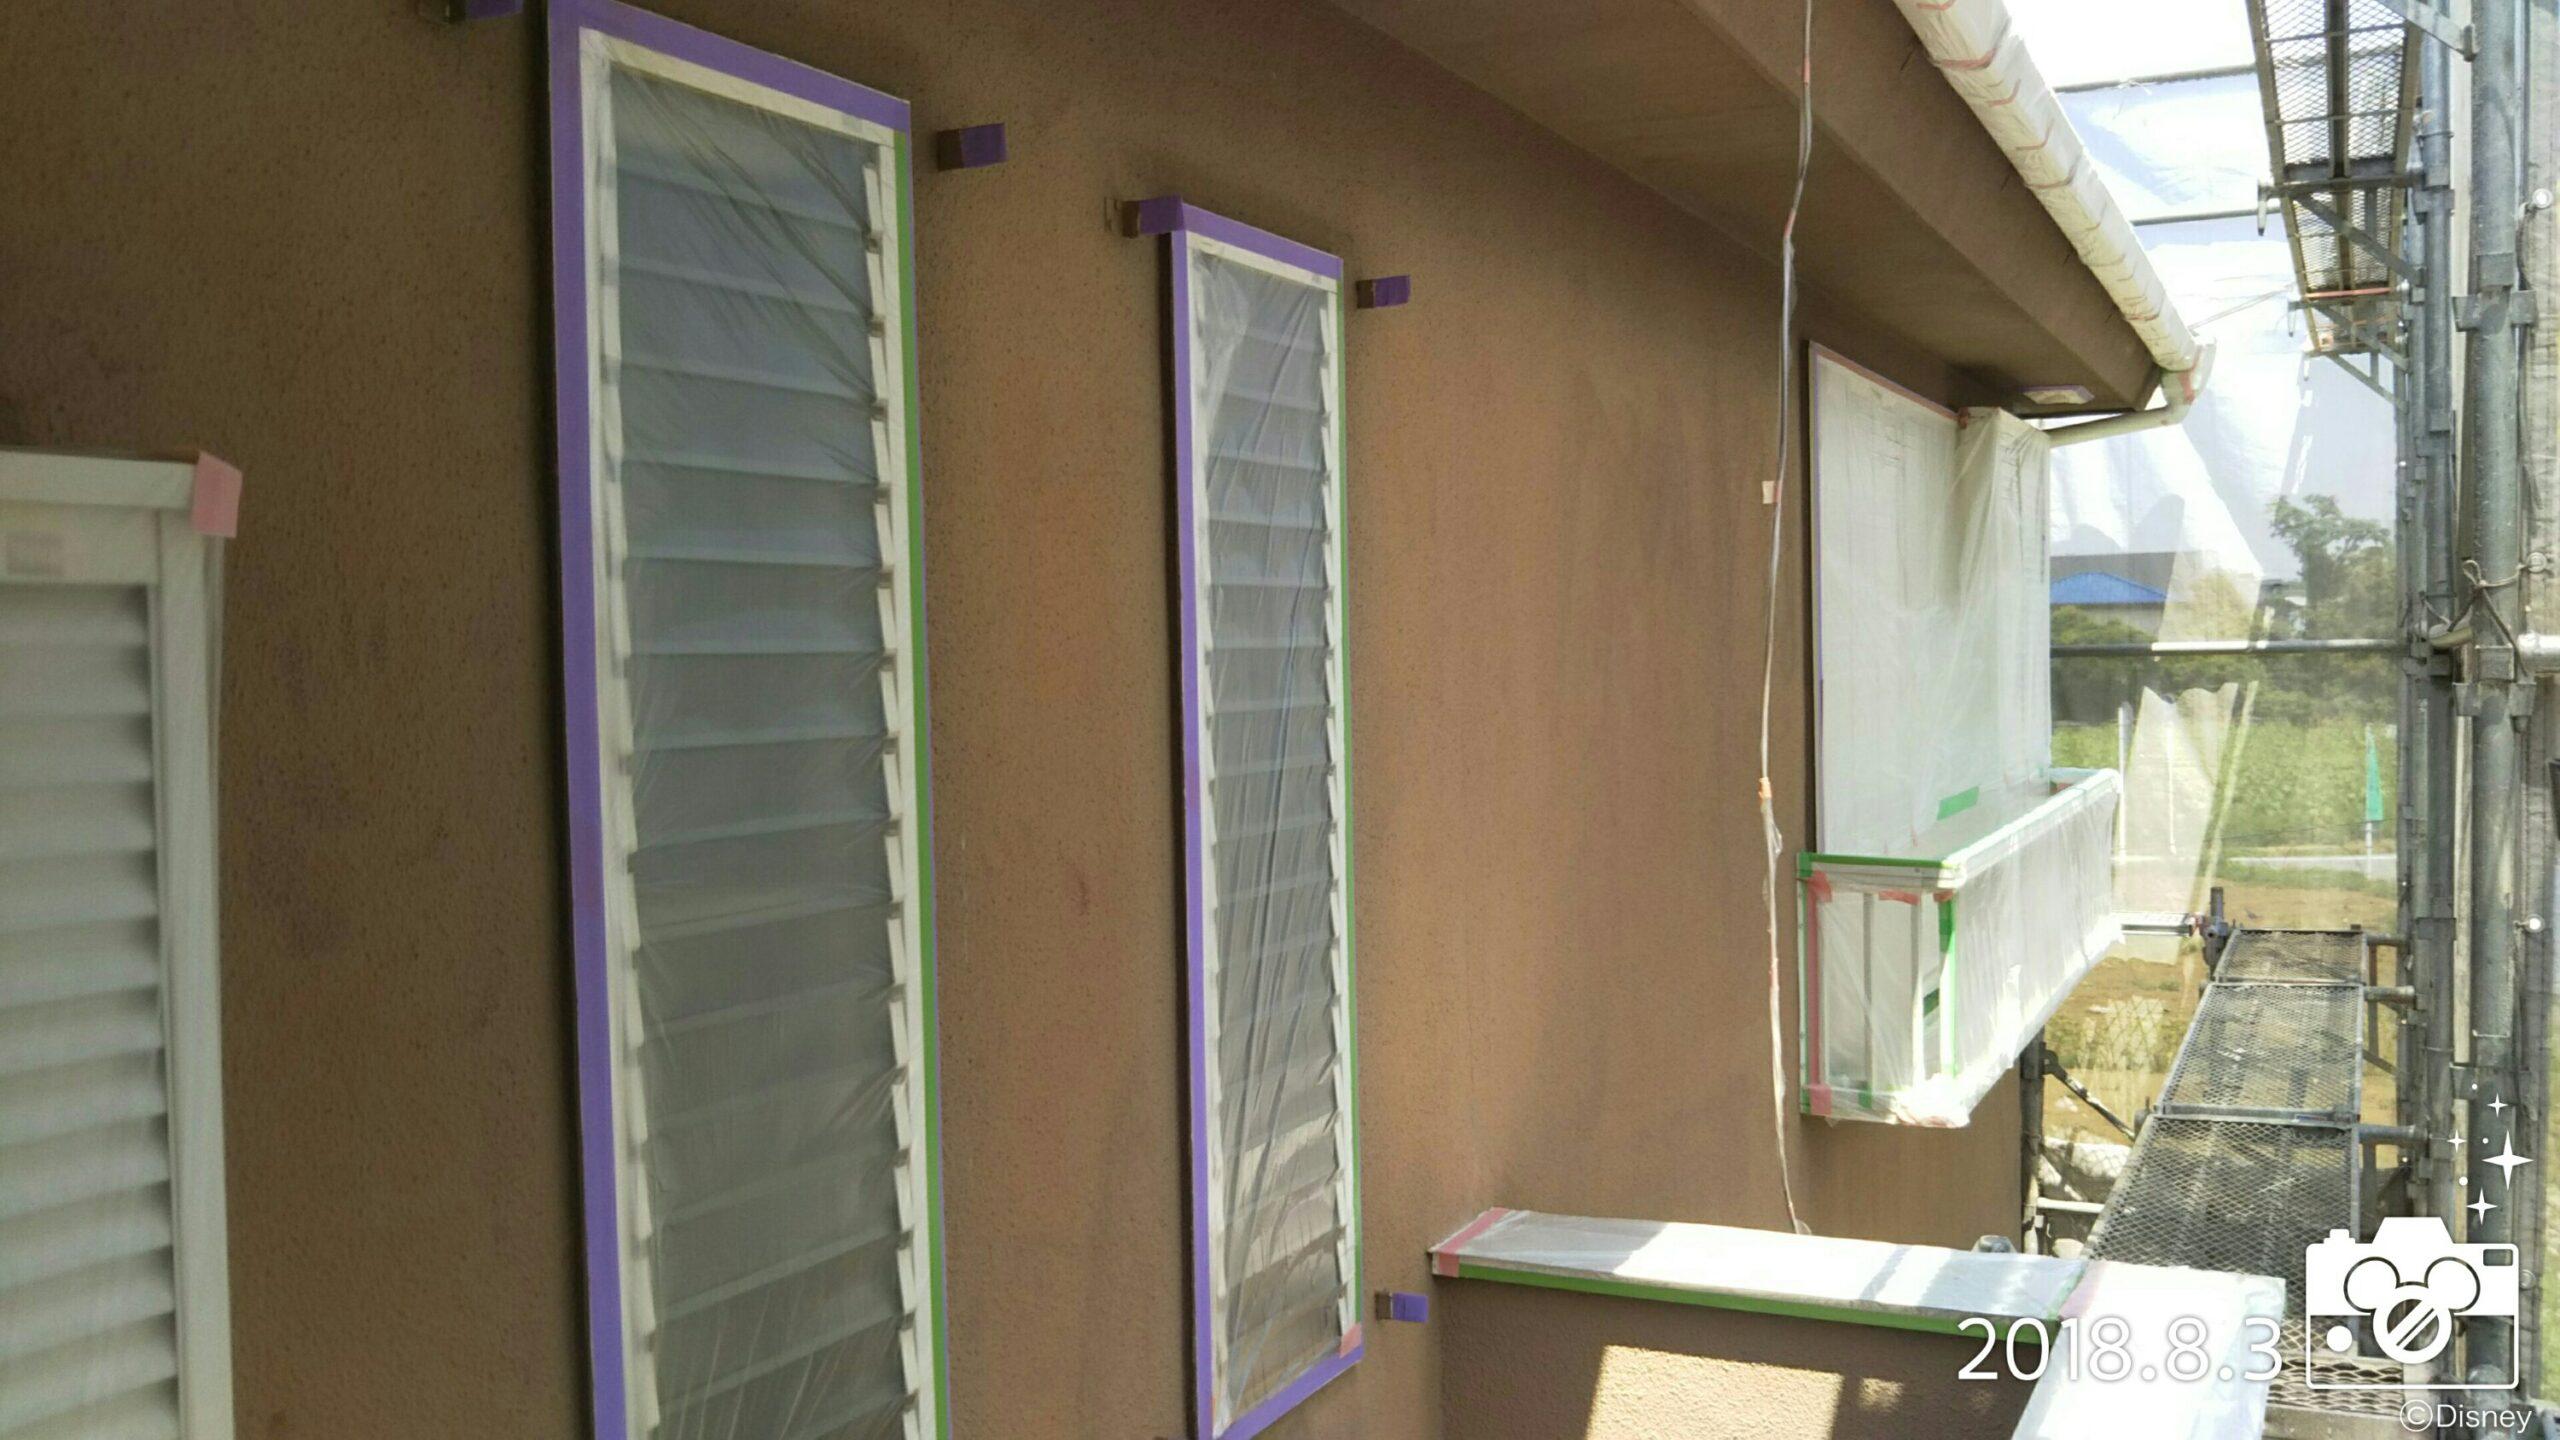 埼玉県さいたま市 外壁塗り替え塗装 さいたま市岩槻区のA様邸にて塗り替えリフォーム中